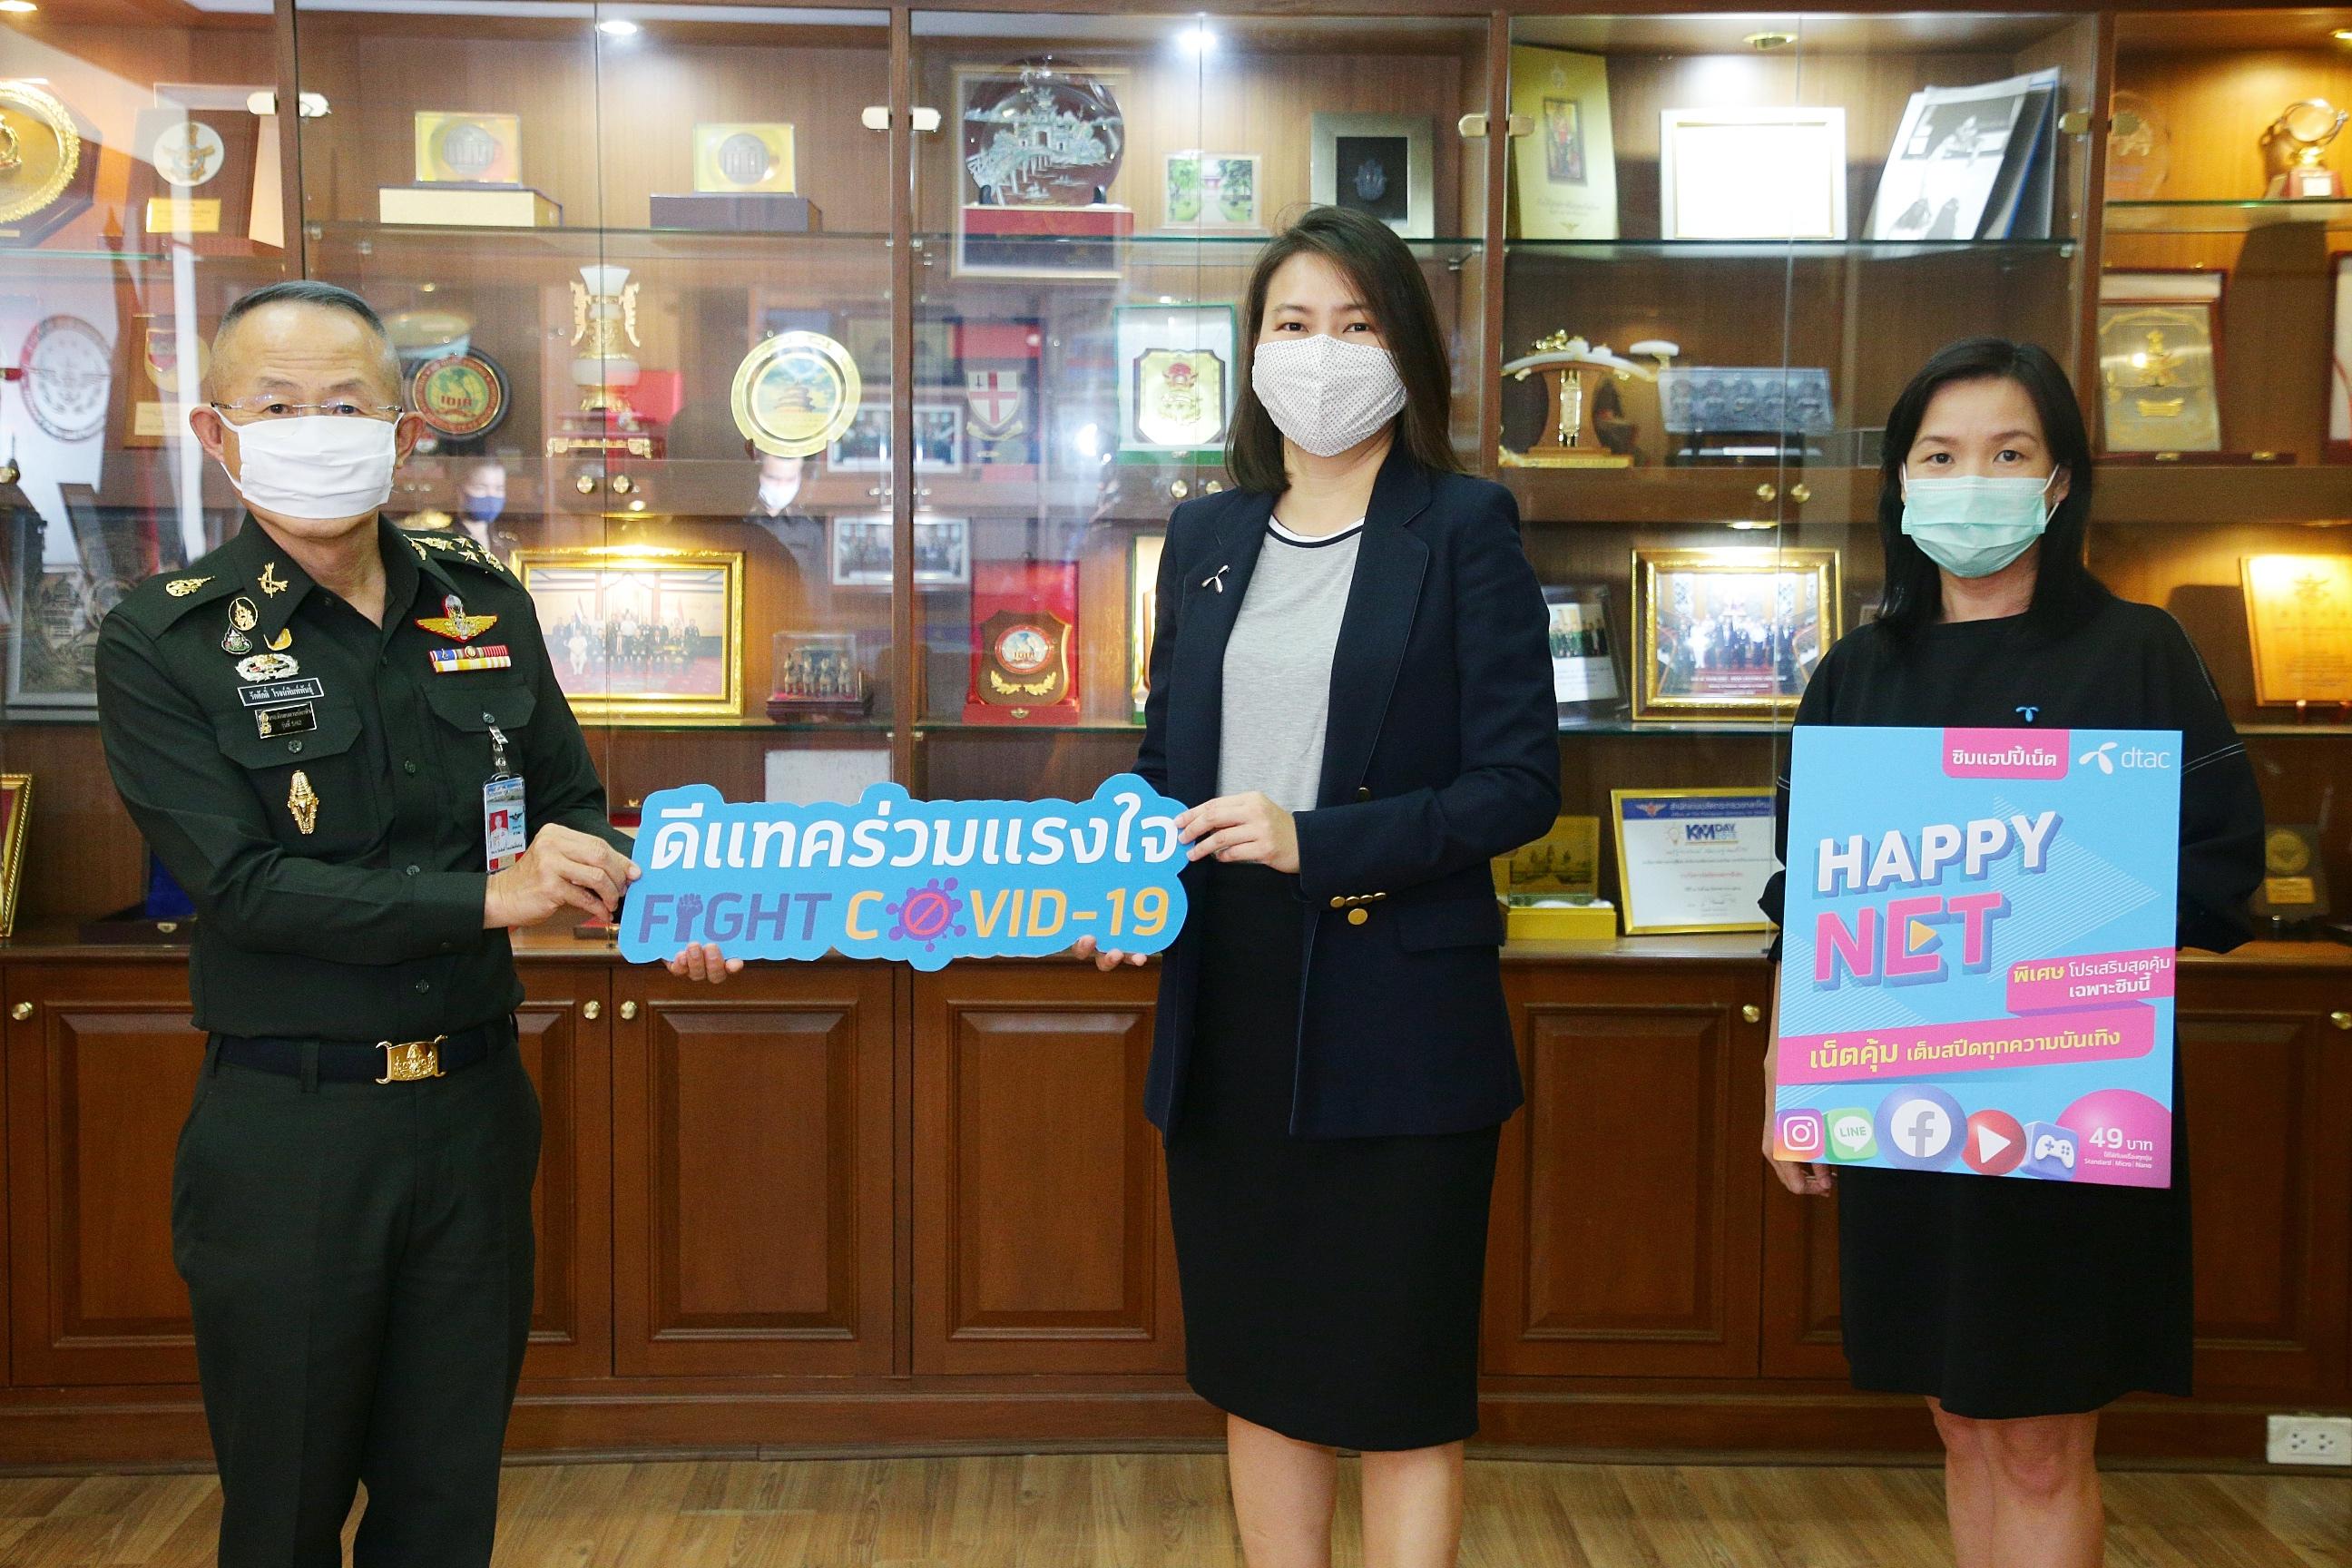 ดีแทคมอบซิมให้คนไทย ที่เดินทางกลับจากต่างประเทศได้ใช้ฟรี ในช่วงกักตัว 14 วัน State Quarantine